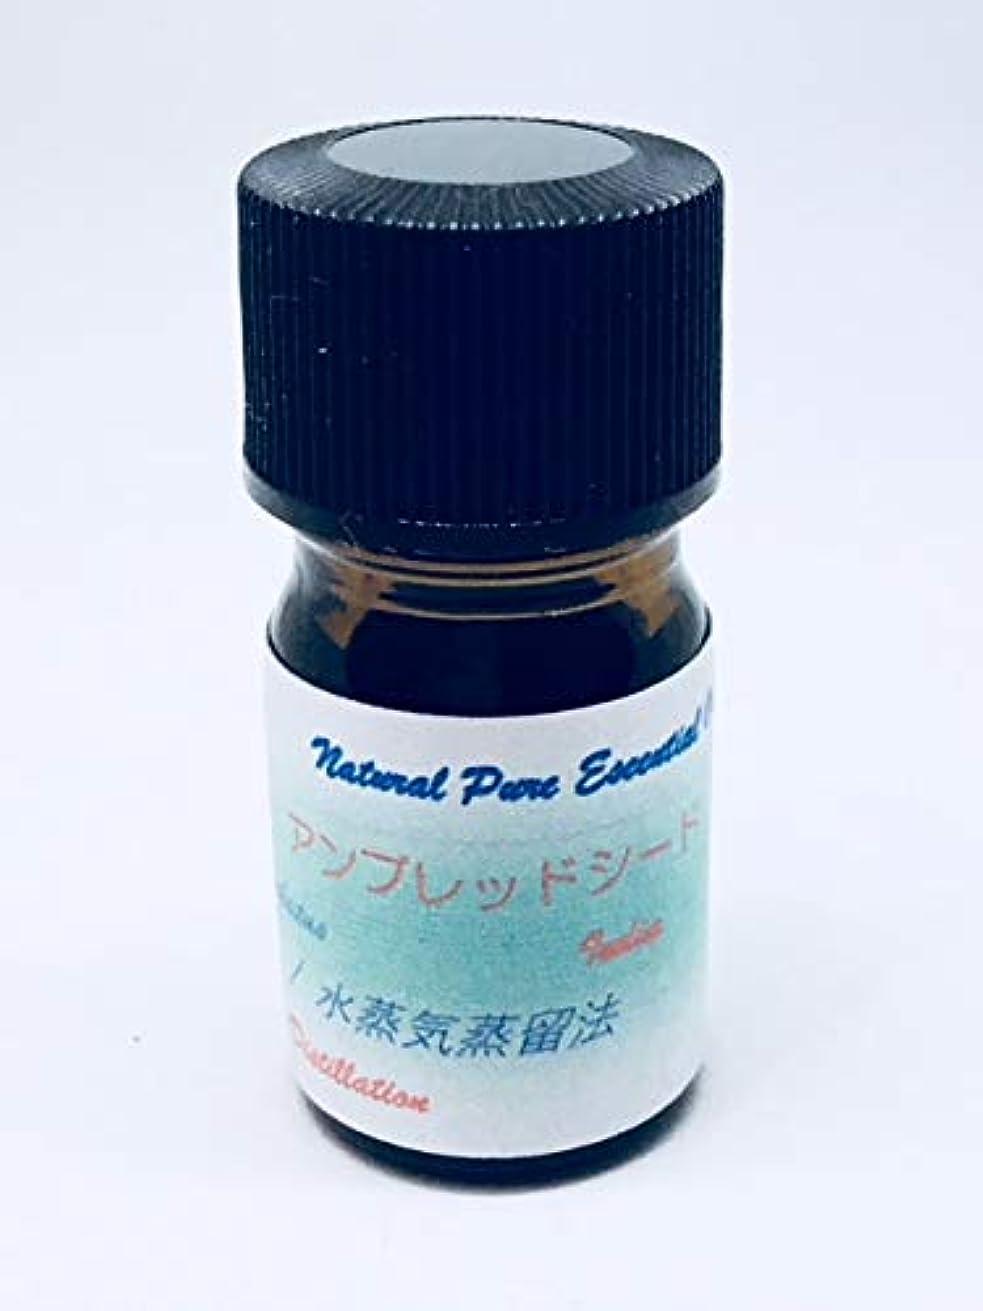 値するそれによって作動するアンブレッドシード(植物性ムスク)精油 5ml100%ピュアエッセンシャル